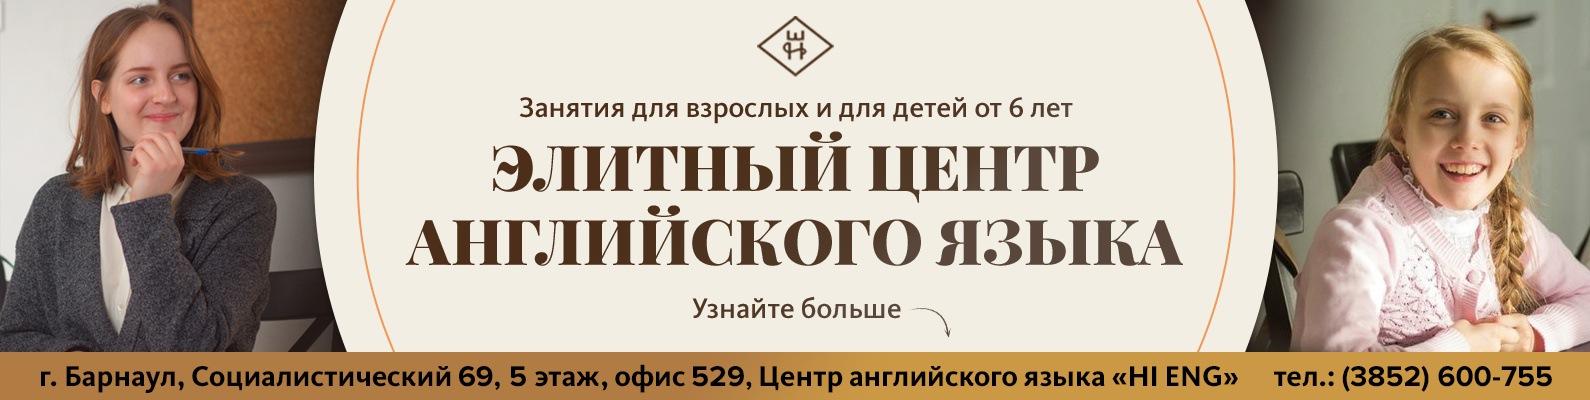 Курсы английского в Барнауле фото